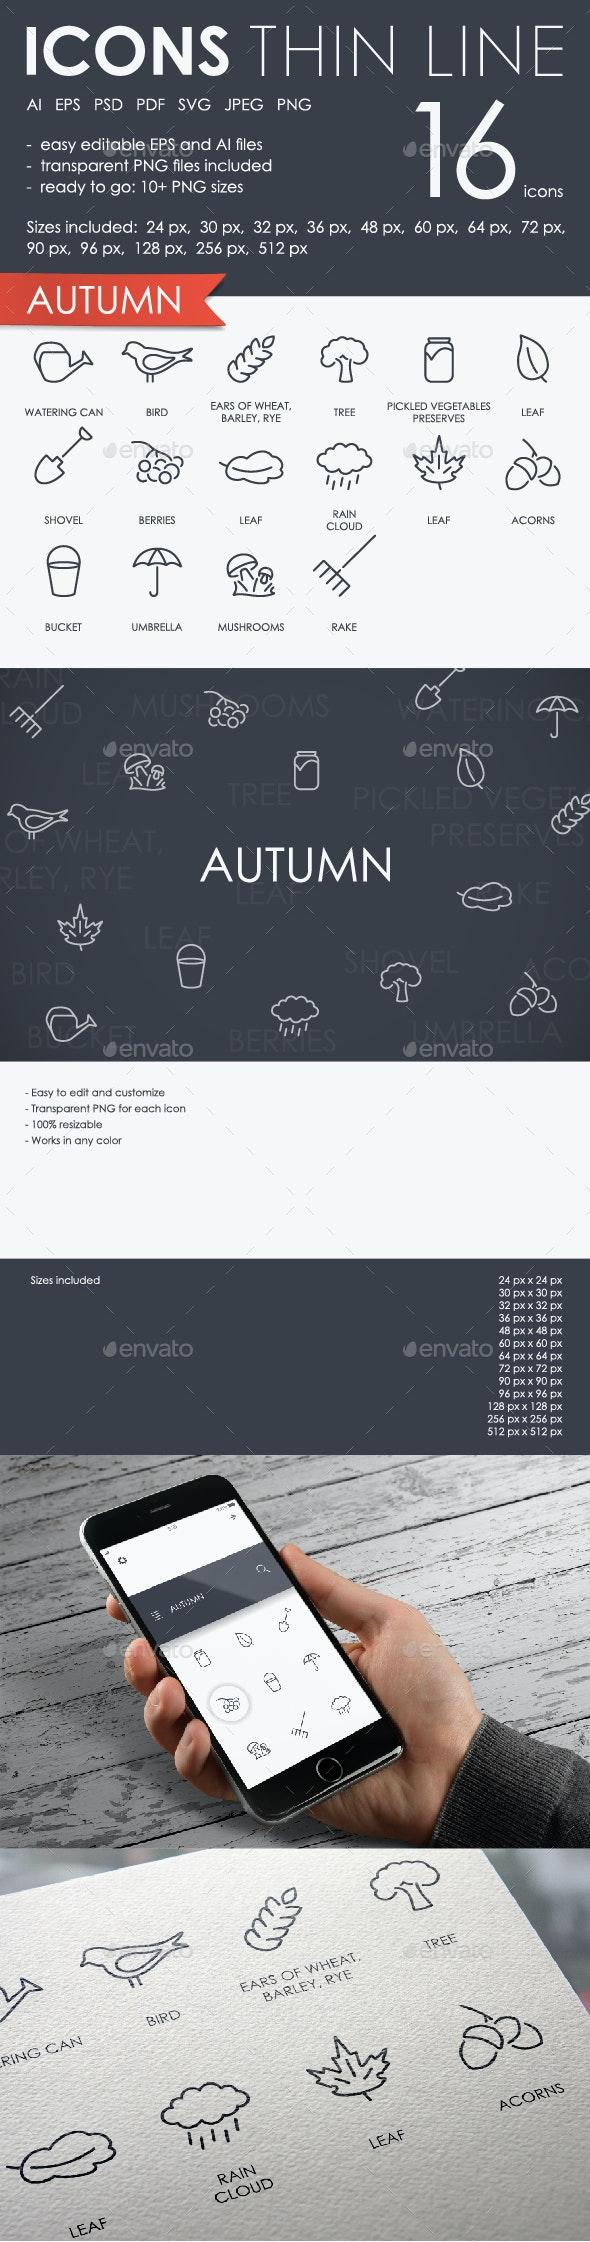 Autumn Thinline Icons - Seasonal Icons